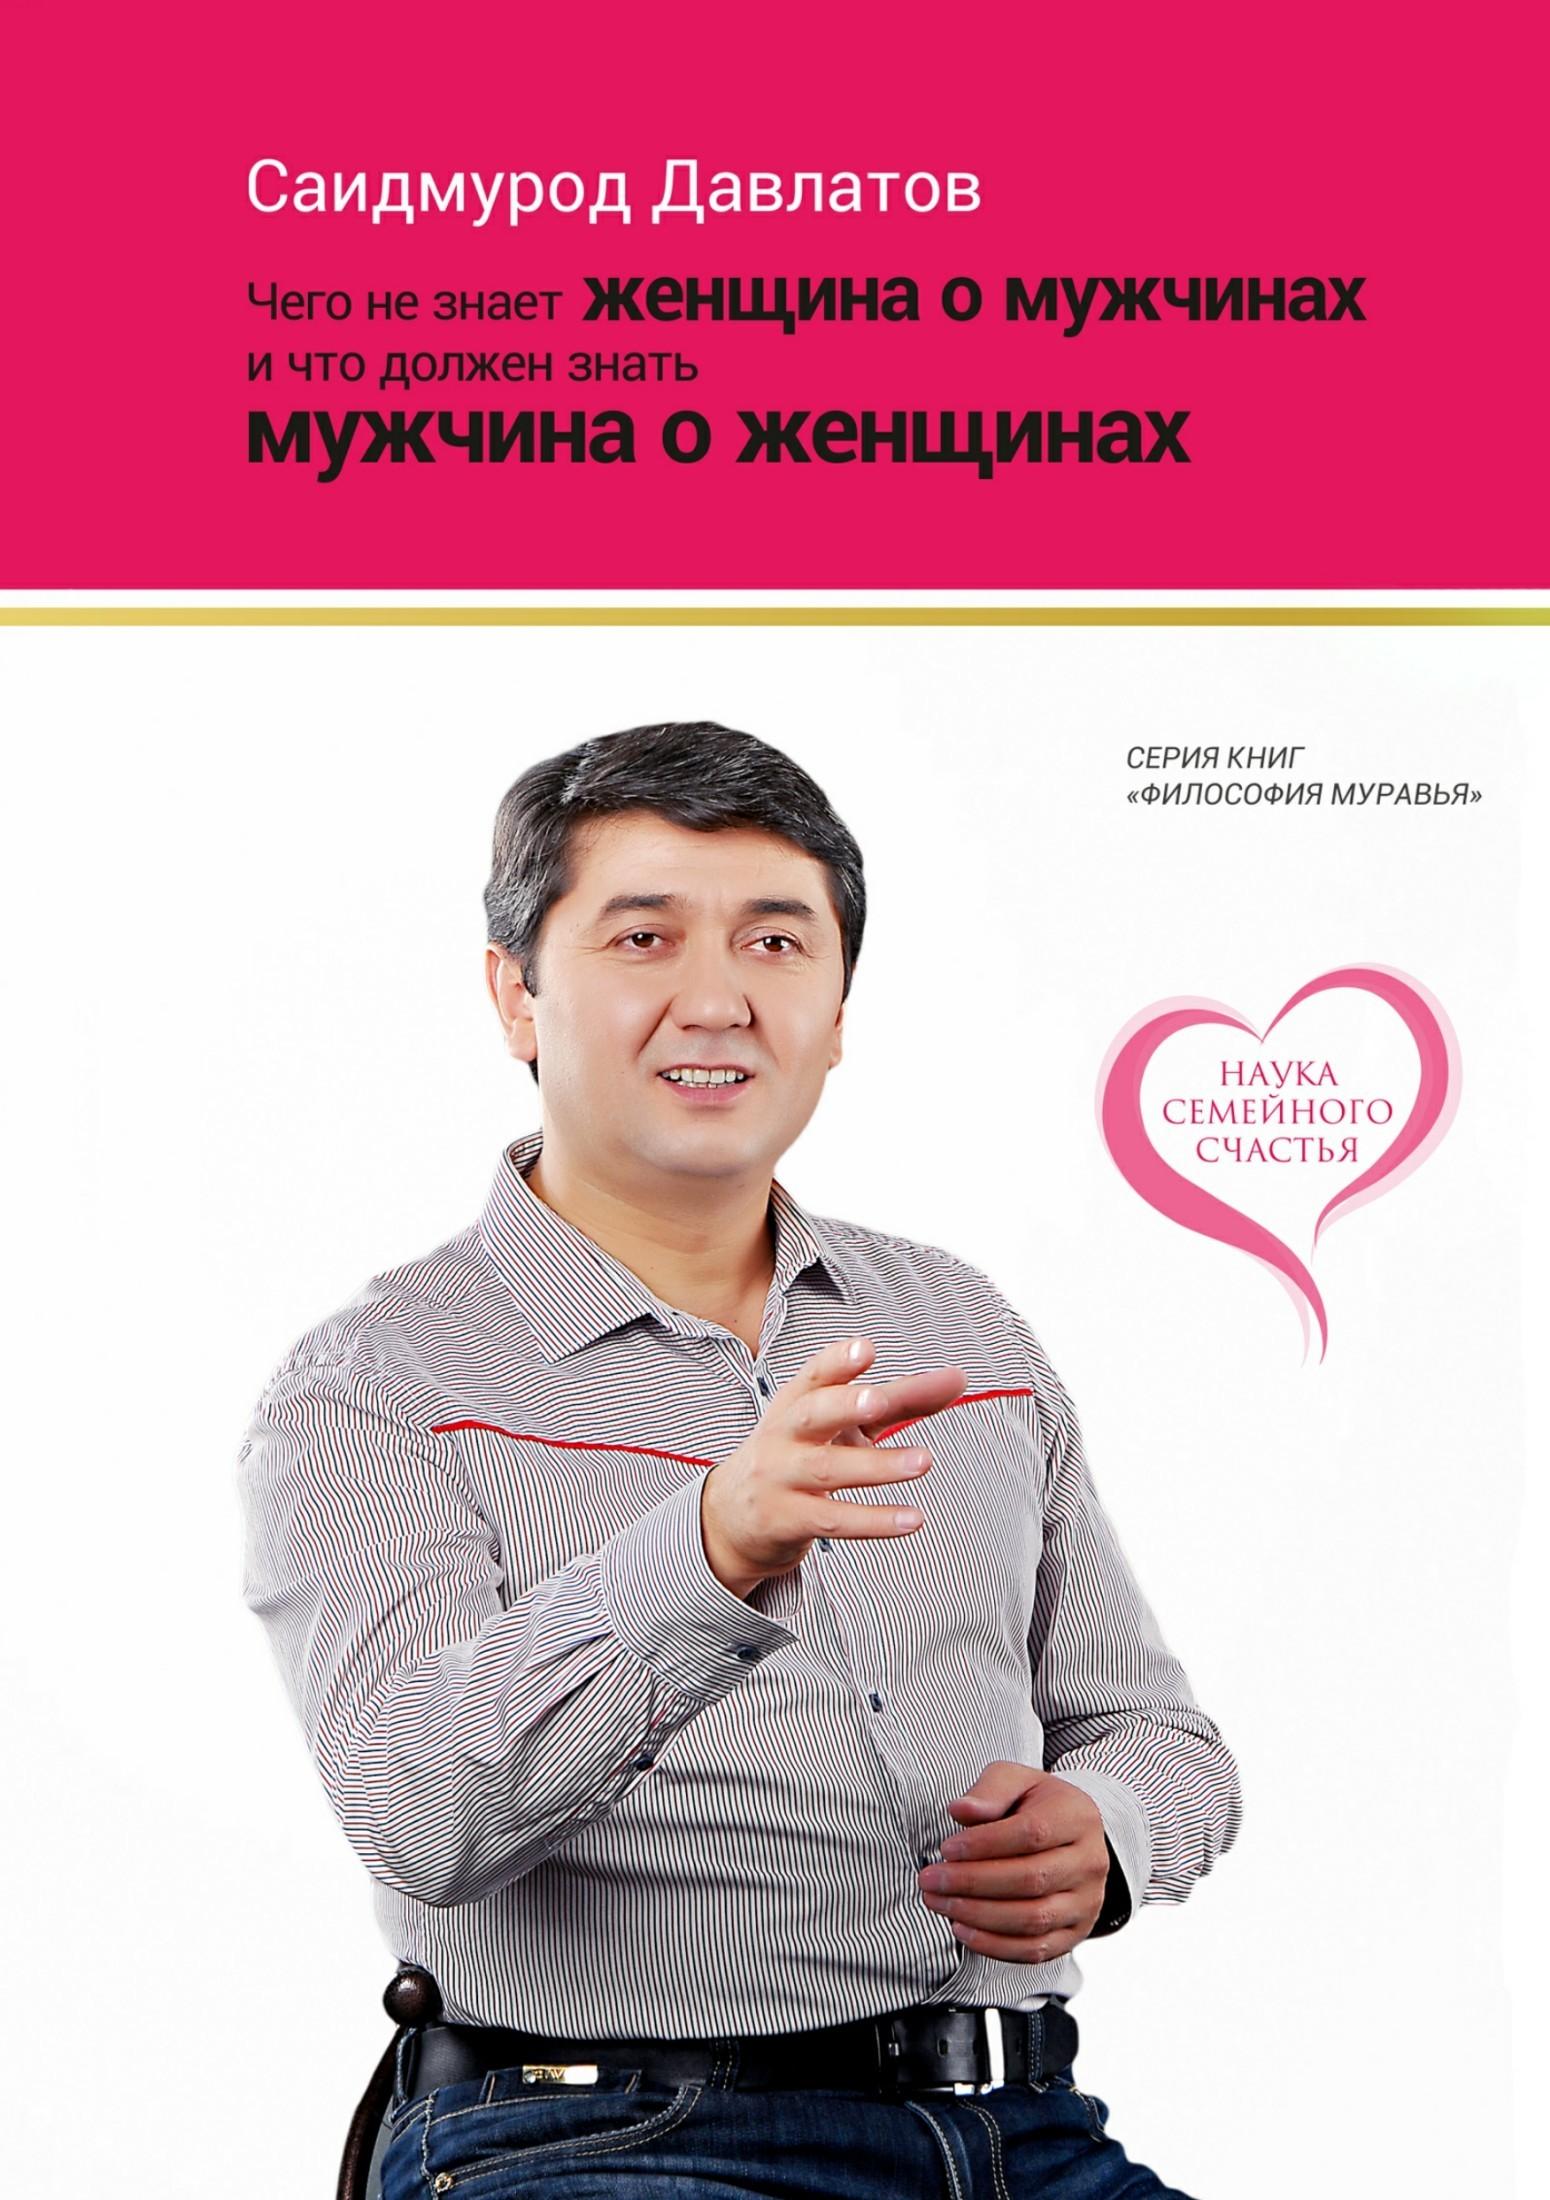 Саидмурод Давлатов Чего не знает женщина о мужчинах и что должен знать мужчина о женщинах саидмурод давлатов 0 чего не знает женщина о мужчинах и что должен знать мужчина о женщинах наука семейного счастья